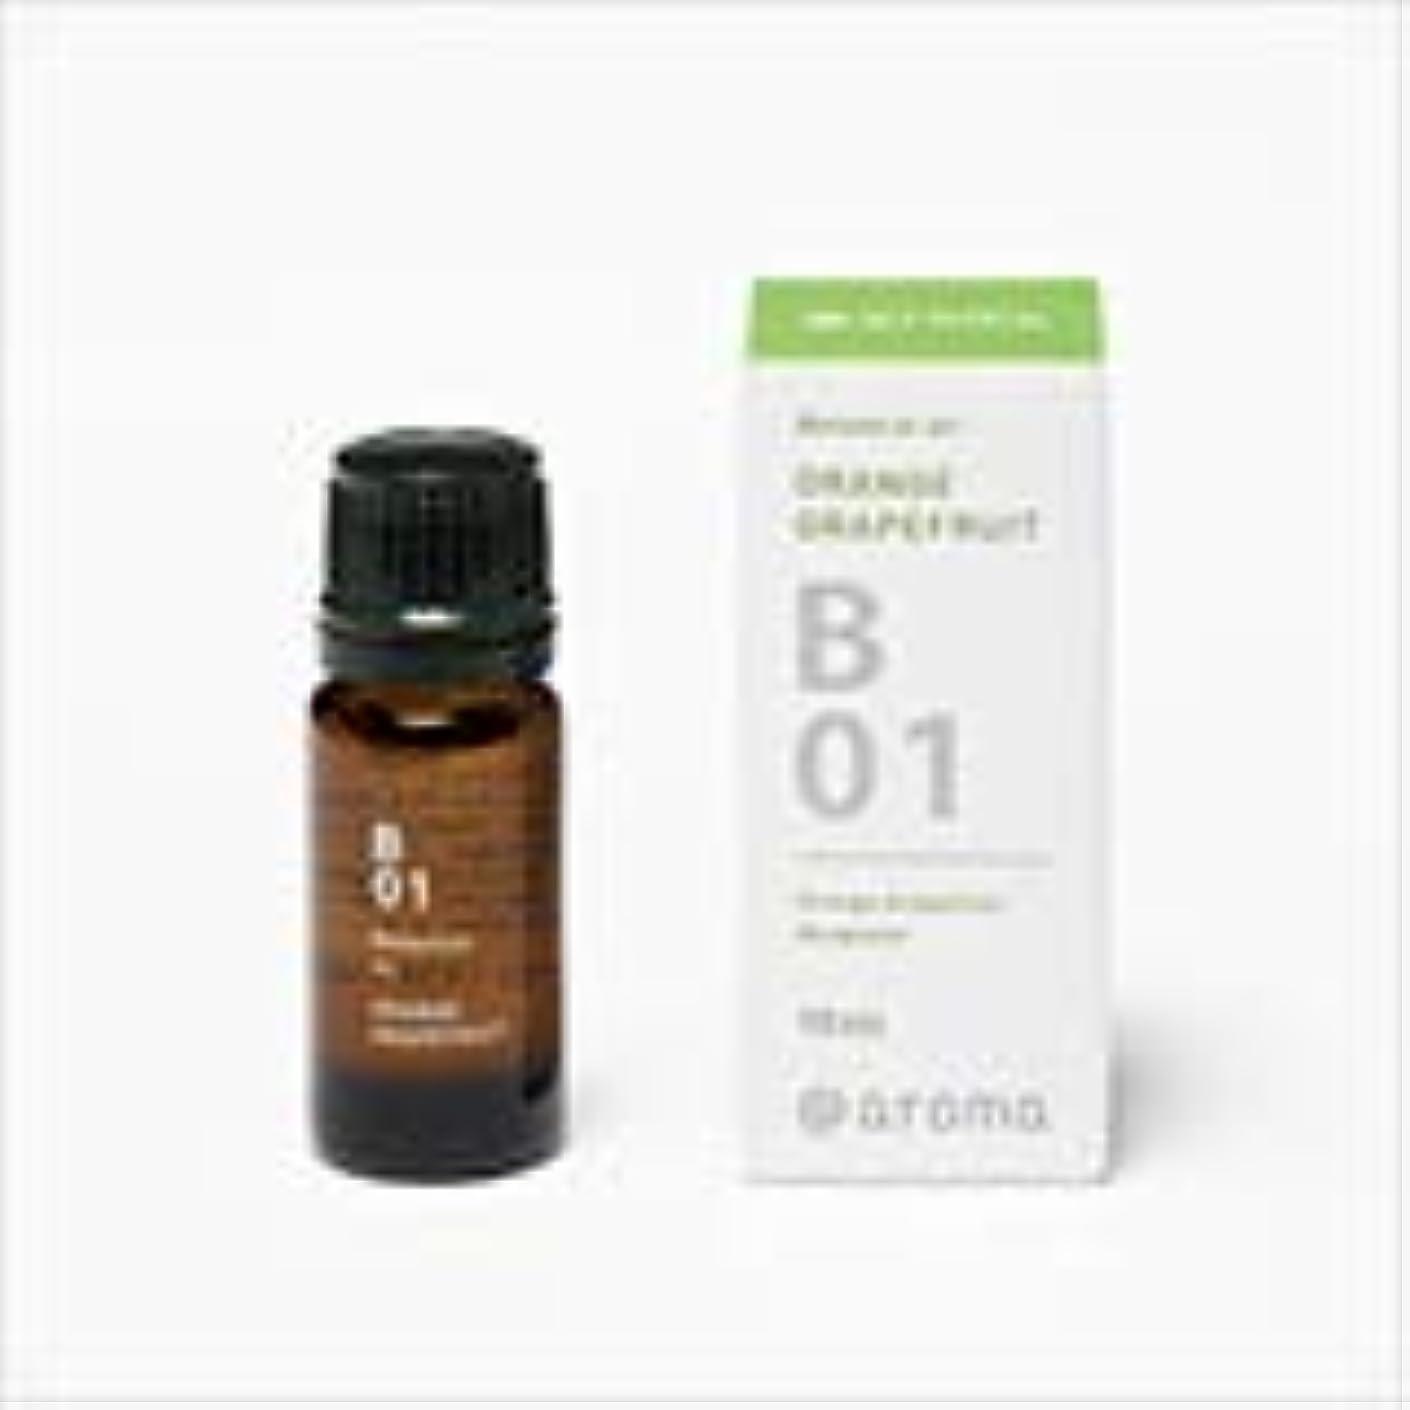 勤勉な論文サーバントアットアロマ 100%pure essential oil <Botanical air ジュニパーシダー>